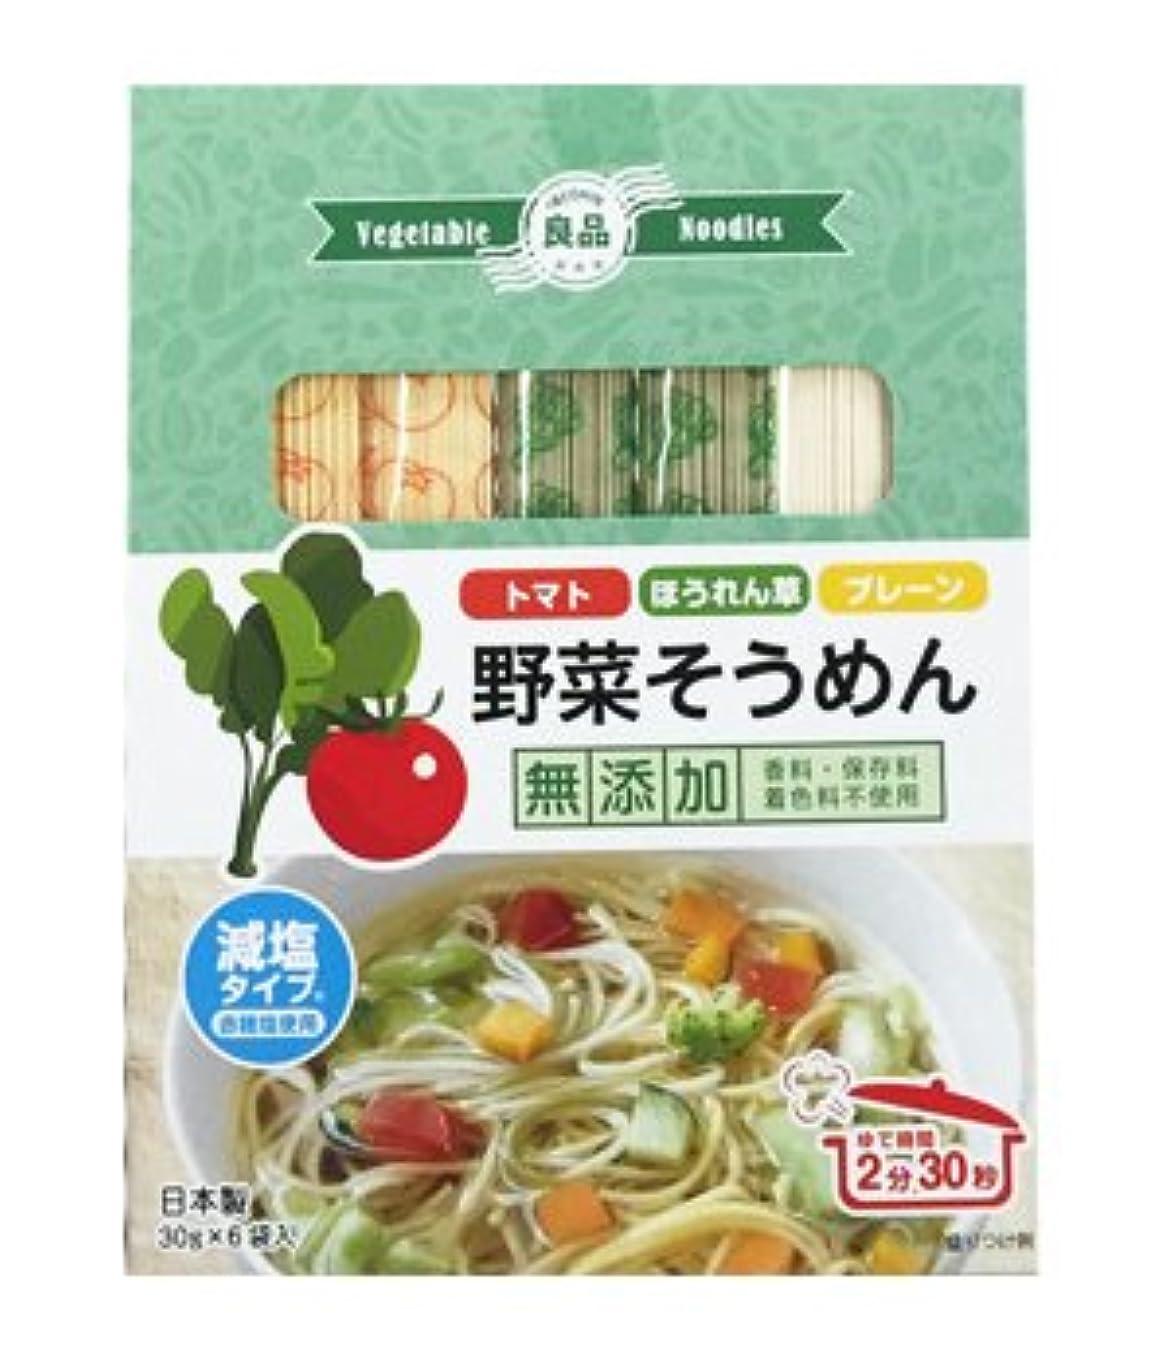 価値ジョージエリオット飢饉良品 野菜そうめん(トマト?ほうれん草?プレーン) 30g×6袋入